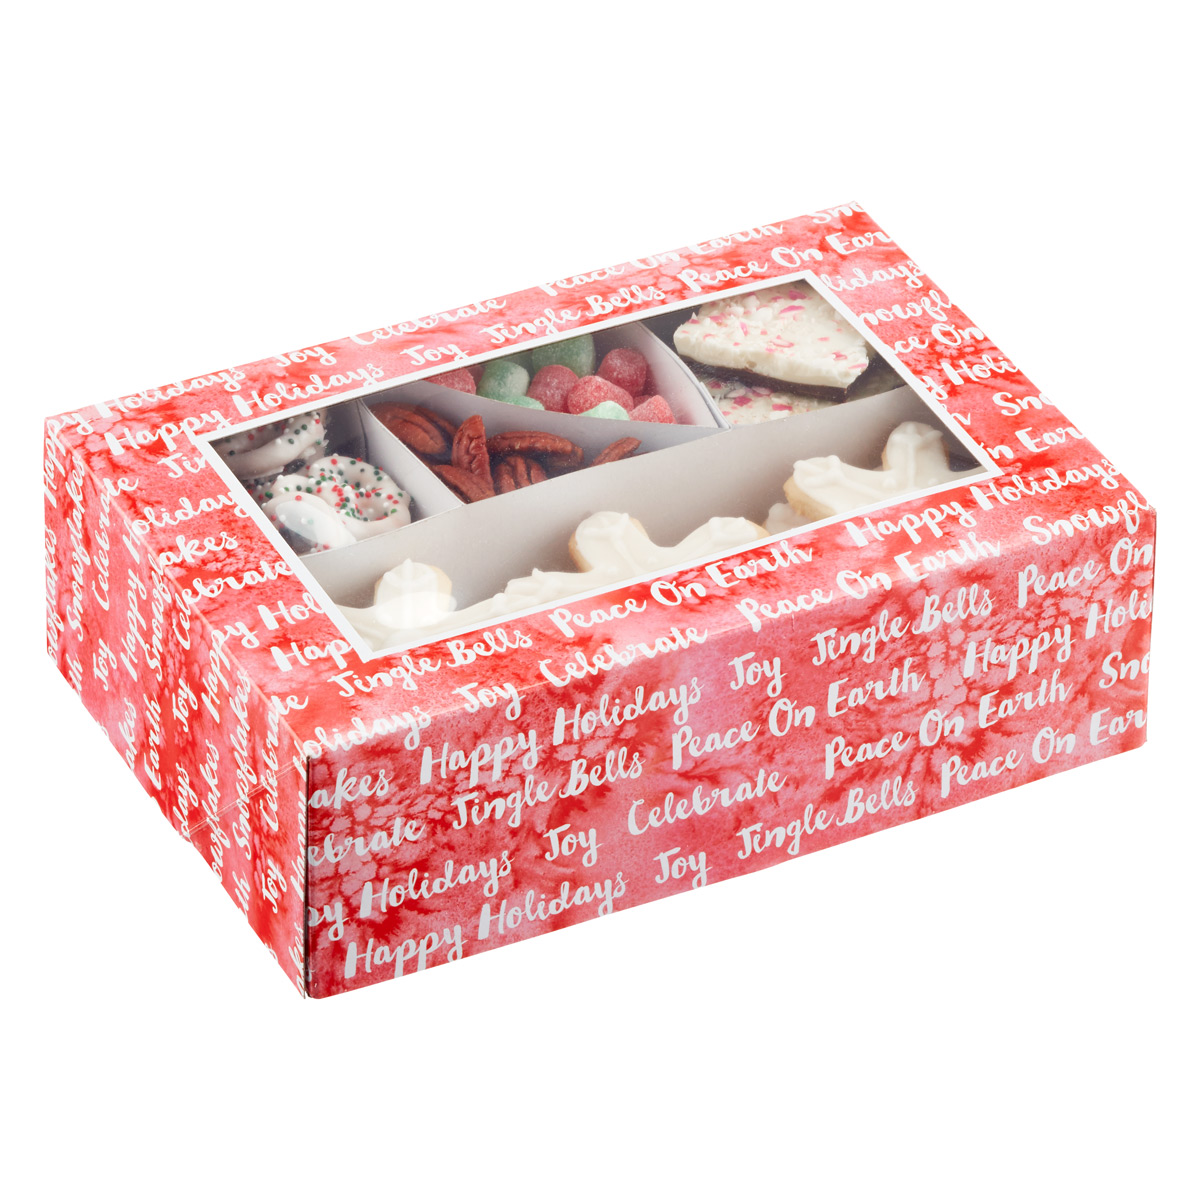 Christmas Cookie Box Sampler